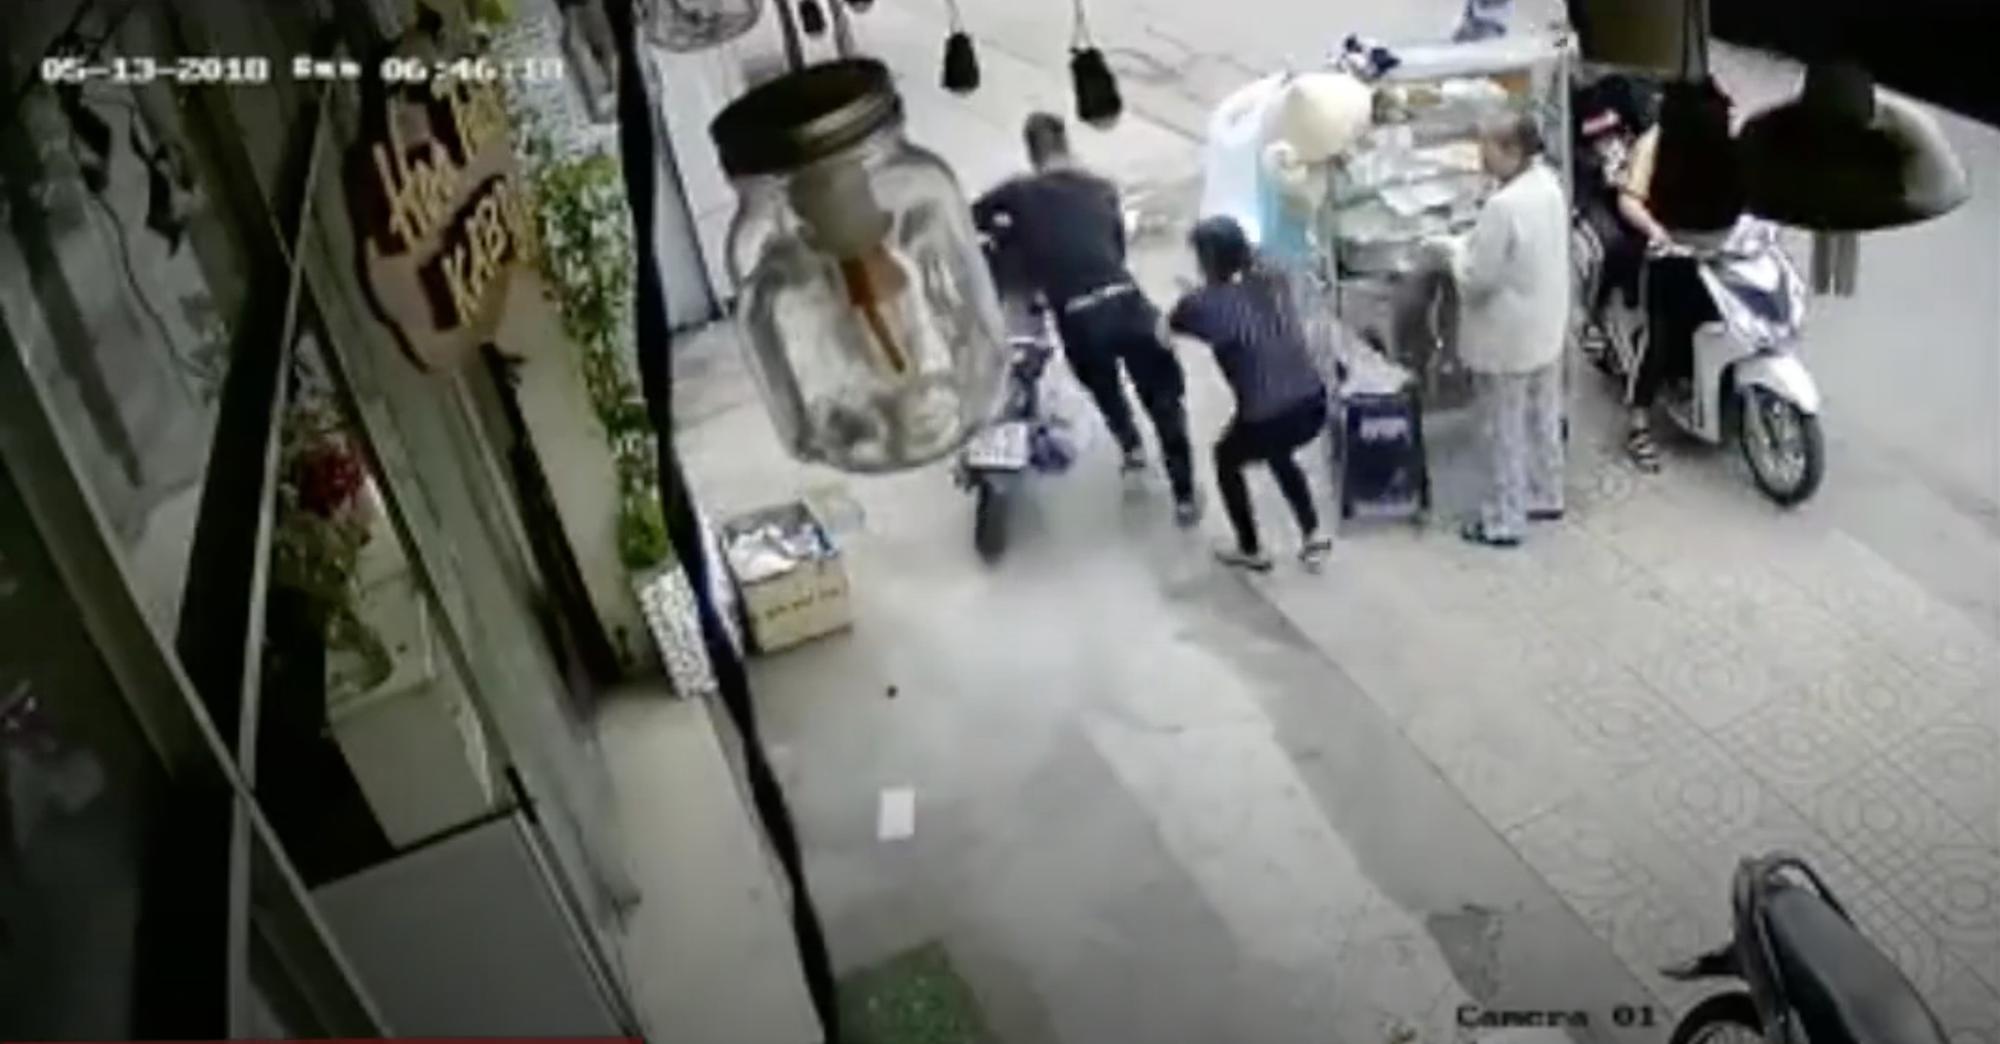 Clip: Tên trộm lợi dụng sơ hở hack xe ngay trước mặt chủ nhà trong một nốt nhạc - Ảnh 2.